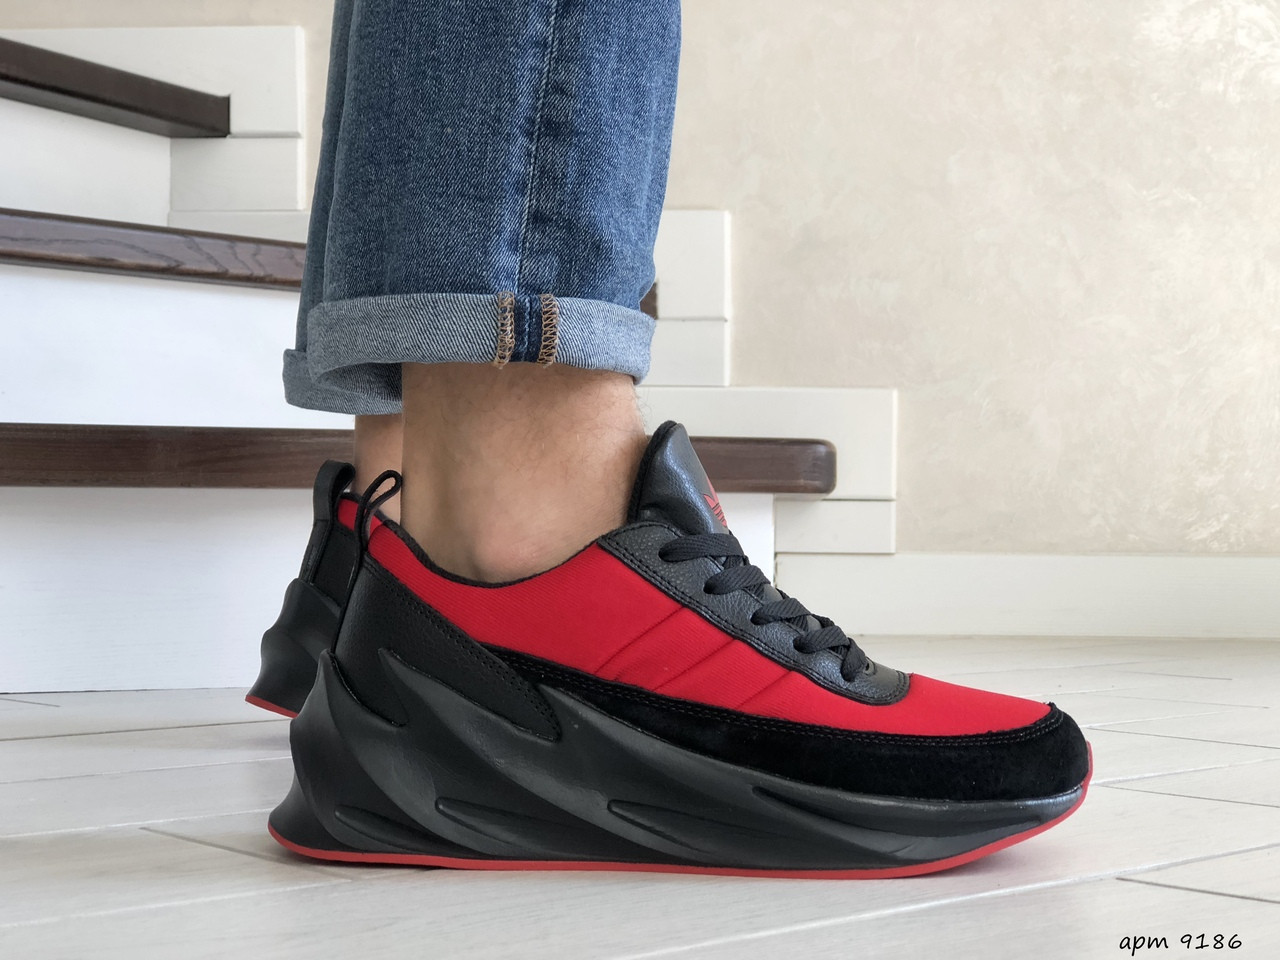 Мужские модные кроссовки (в стиле) Adidas Sharks,красные с черным